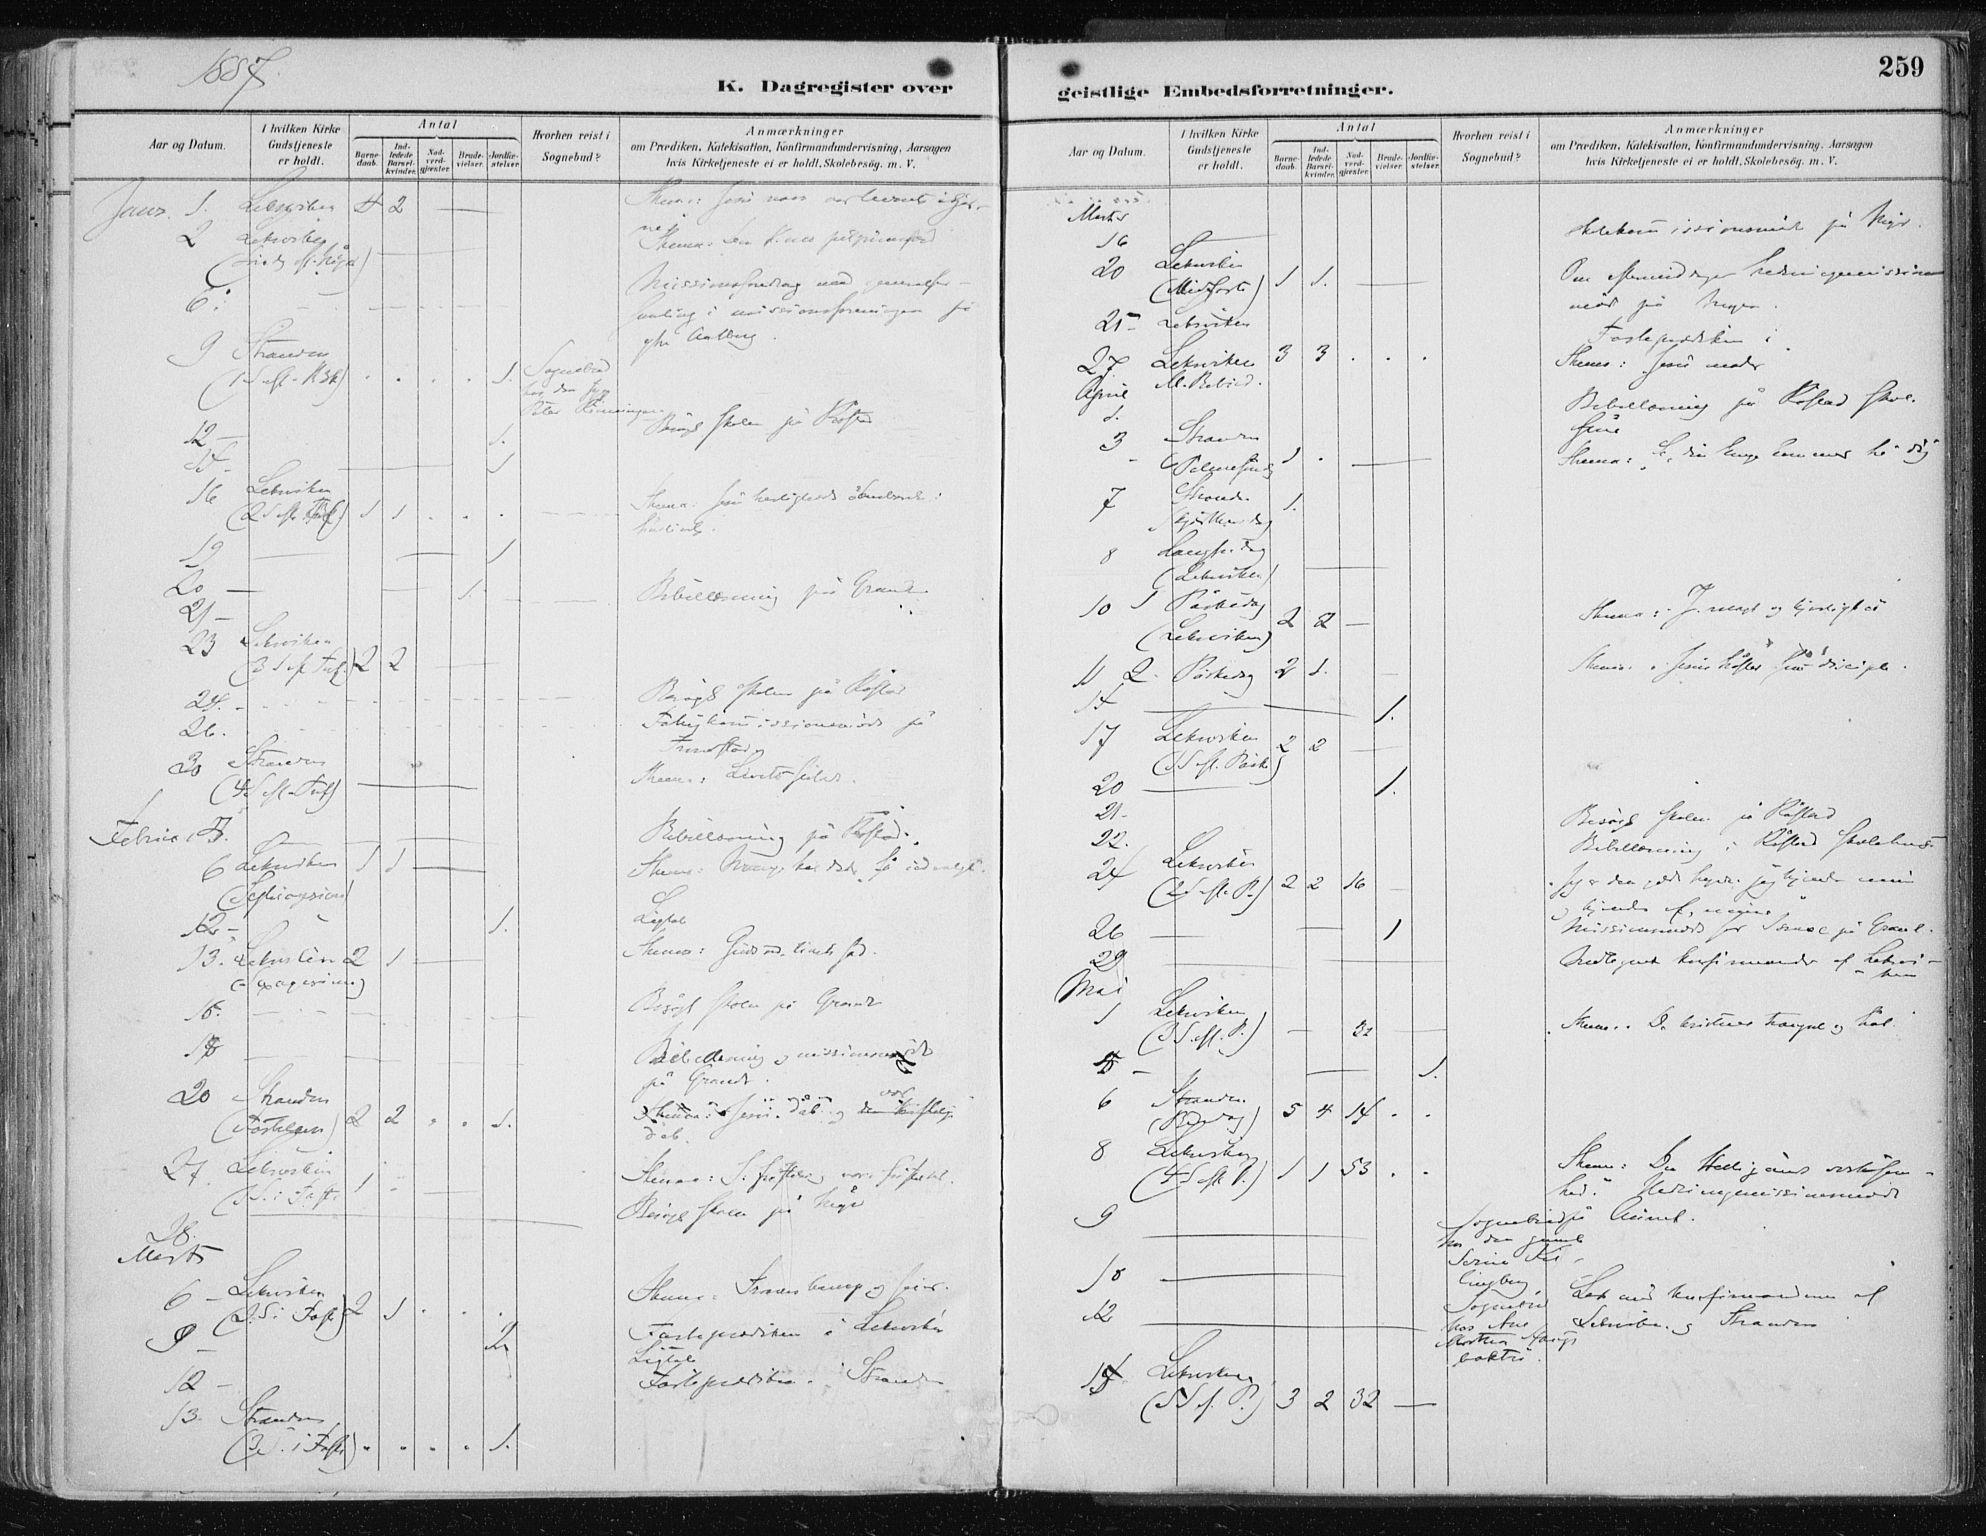 SAT, Ministerialprotokoller, klokkerbøker og fødselsregistre - Nord-Trøndelag, 701/L0010: Ministerialbok nr. 701A10, 1883-1899, s. 259